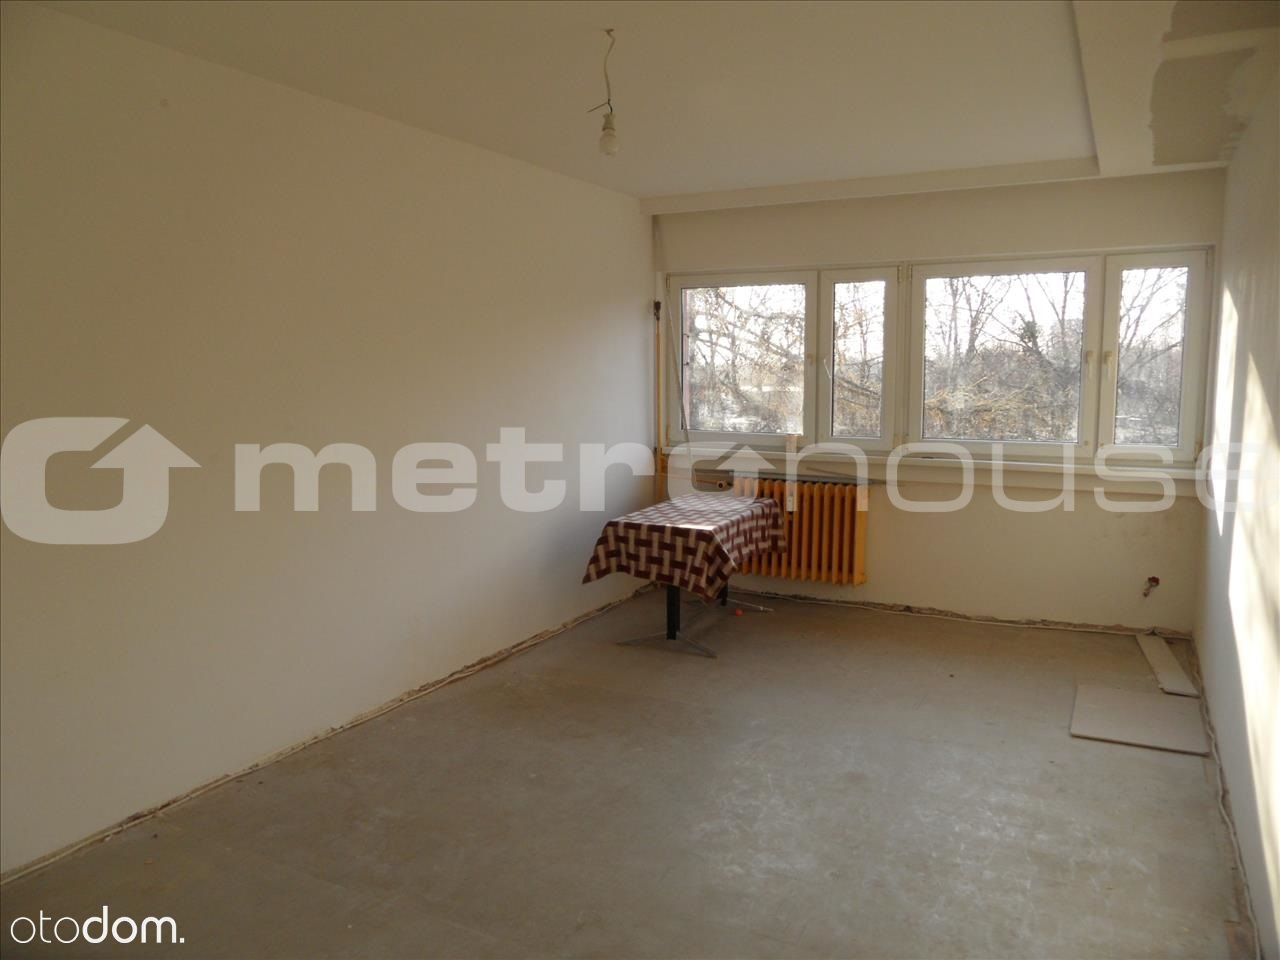 2 Pokoje Mieszkanie Na Sprzedaż łódź Bałuty 58705024 Www